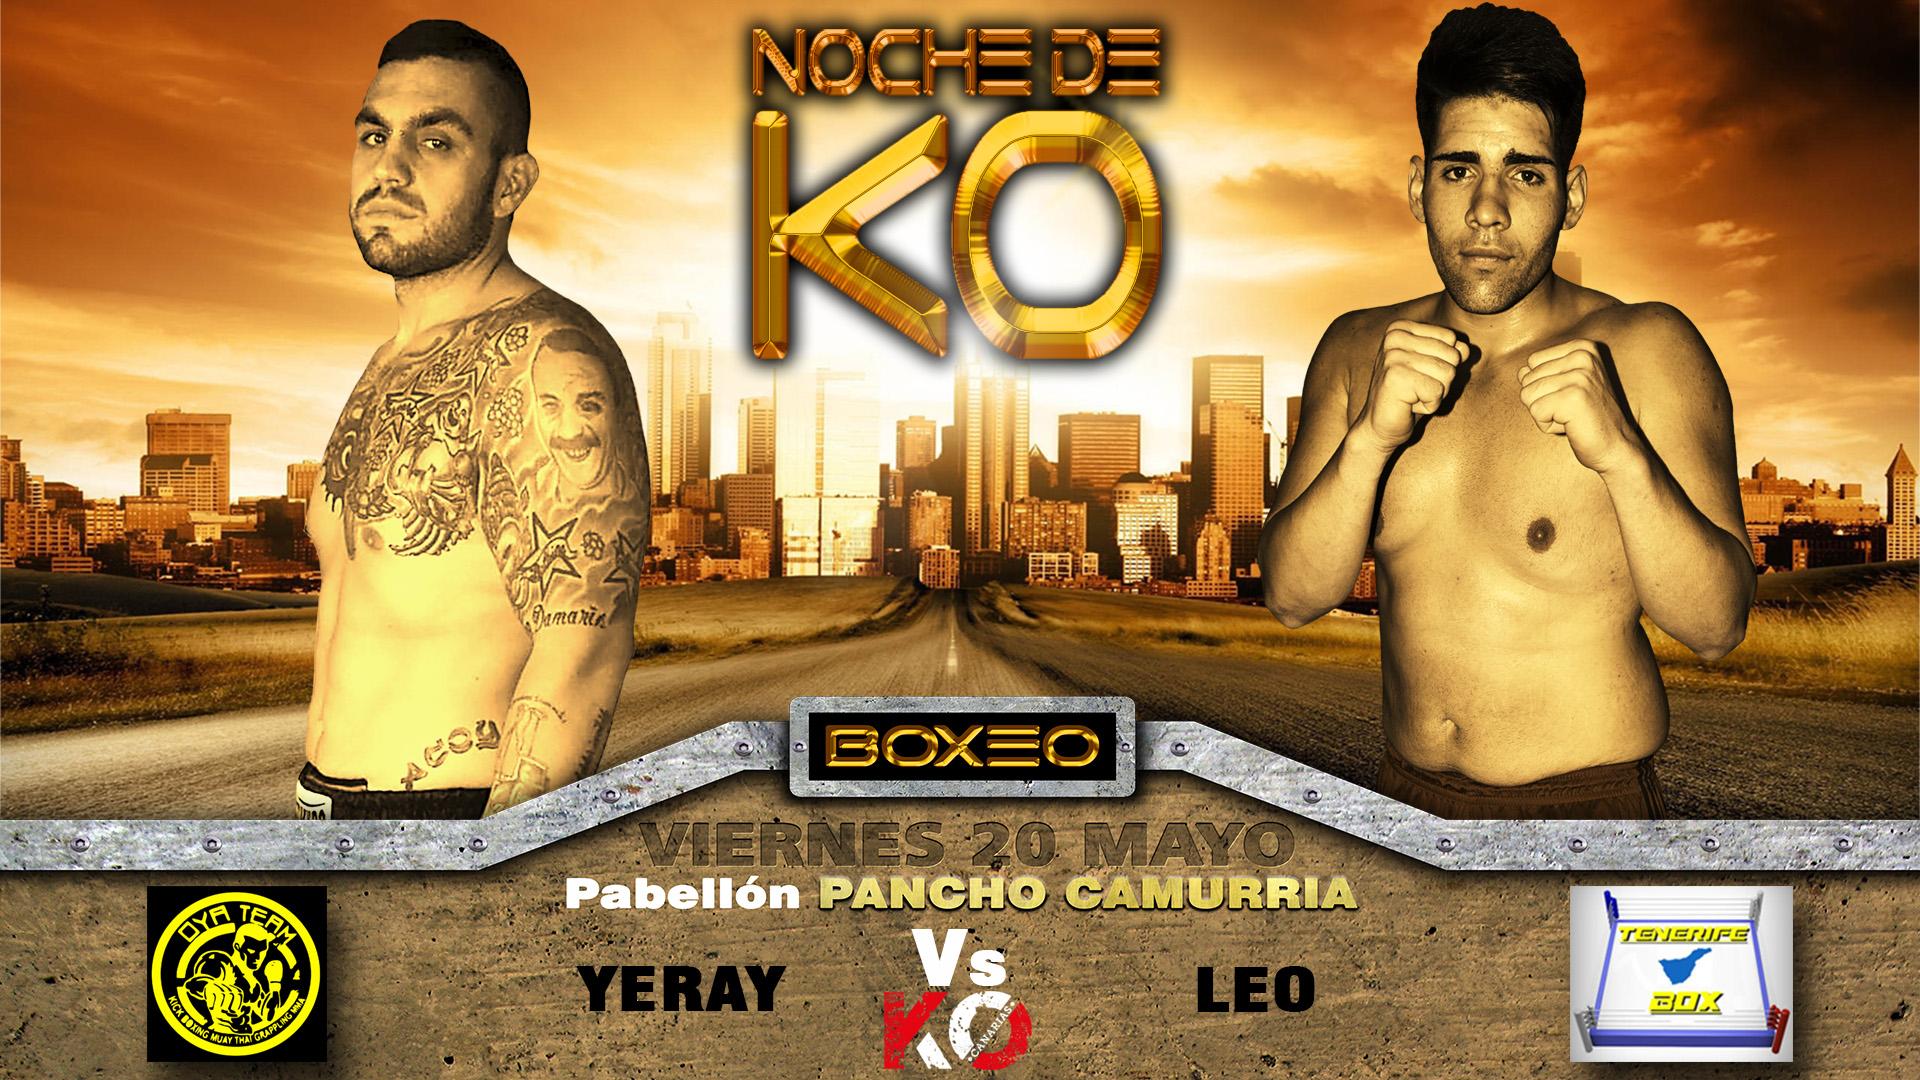 yeray vs leo, Noche de KO